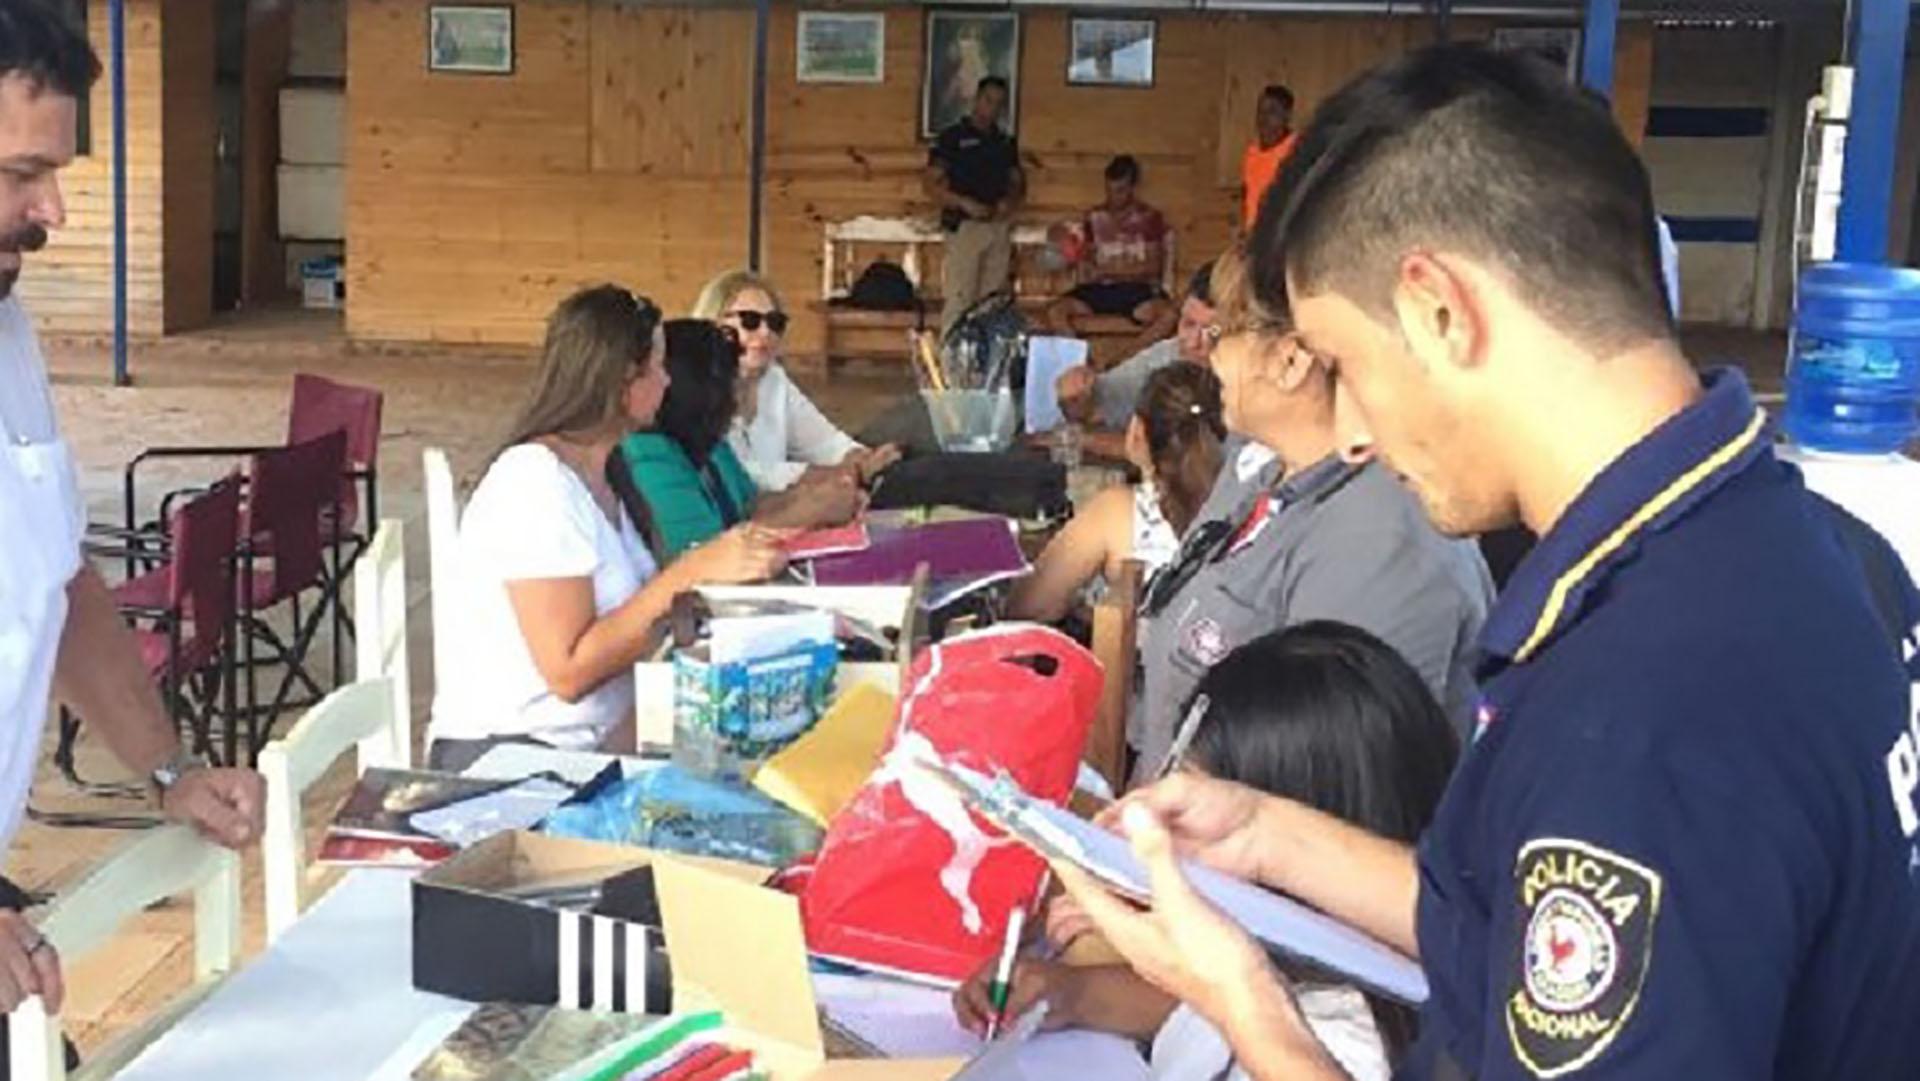 Imágenes del allanamiento en el club Rubio Ñu